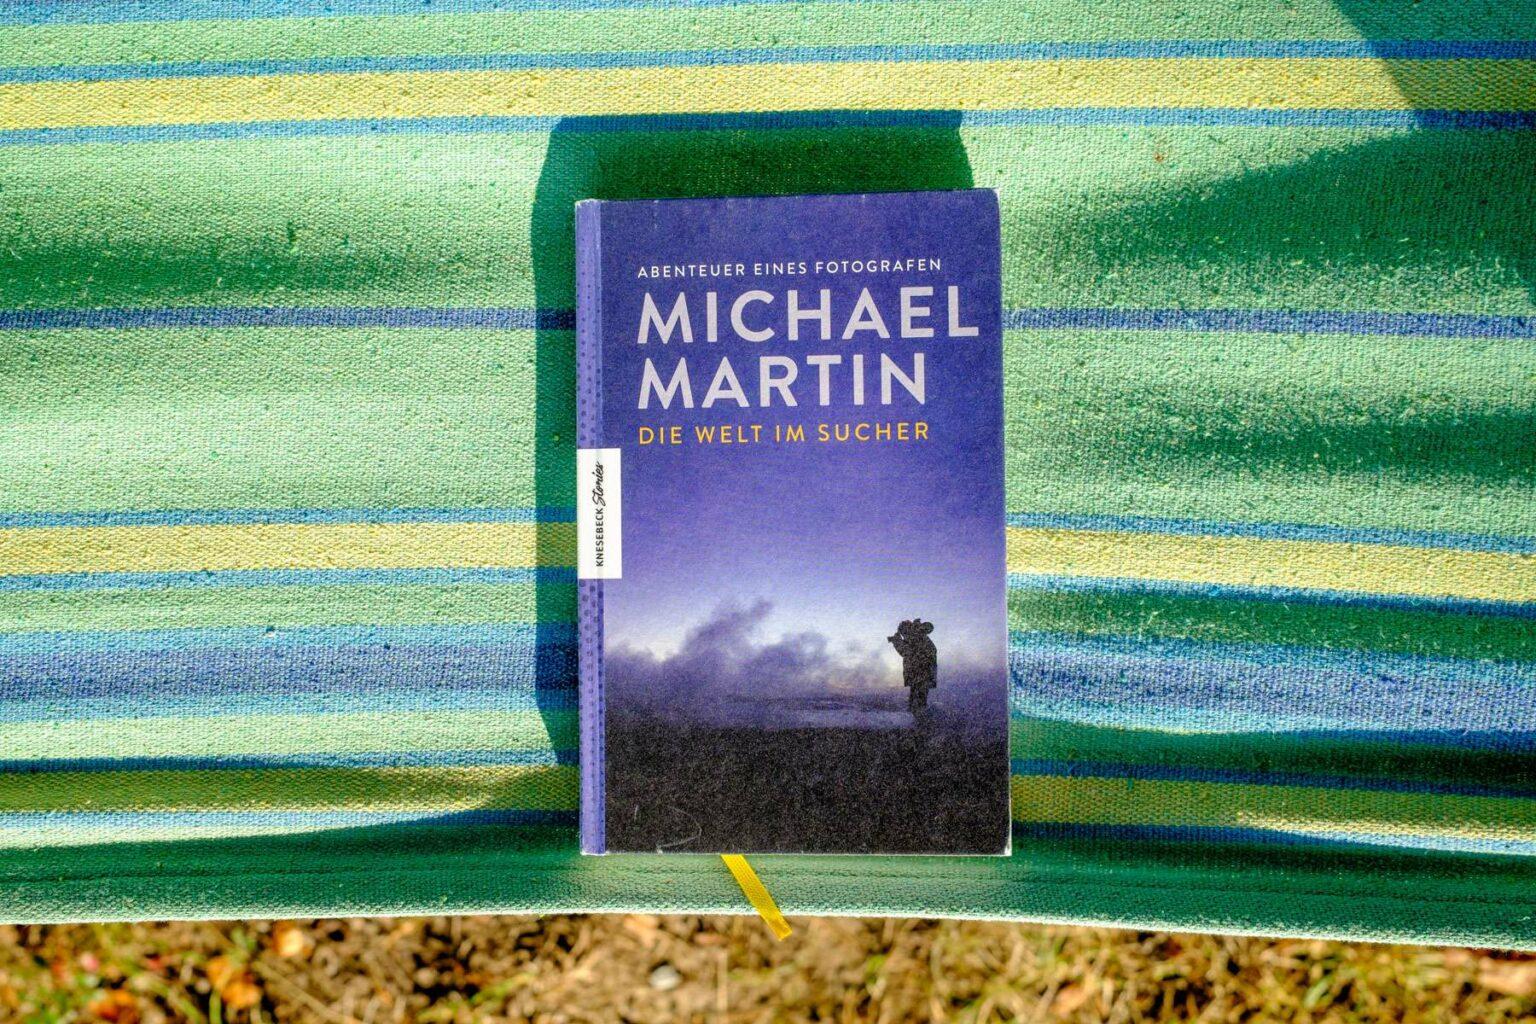 Michael Martin Die Welt im Sucher 001